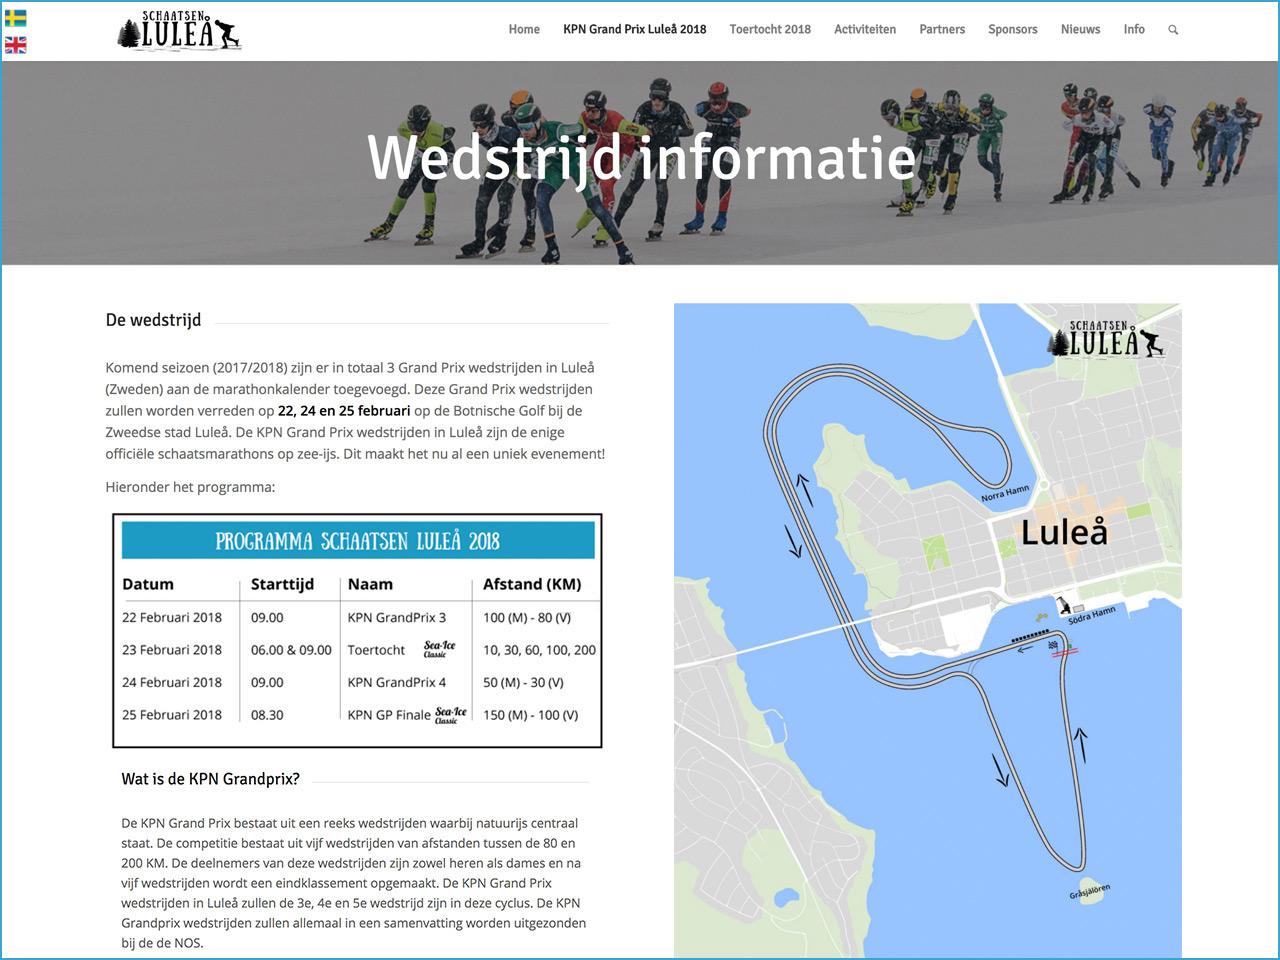 wedstrijd-pagina-schaatsen-lulea-webdesign